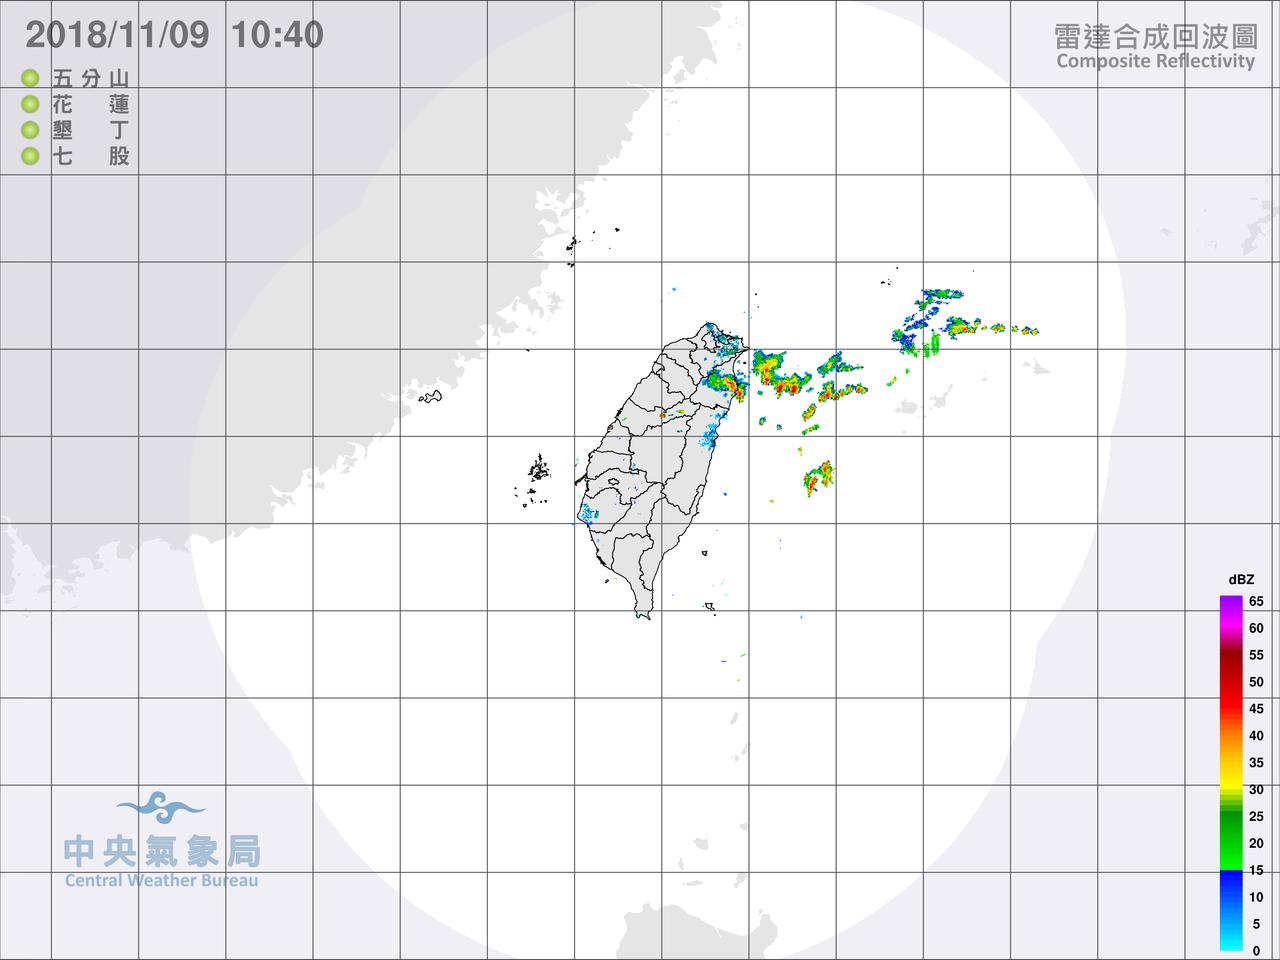 受到鋒面尾巴掠過及東北風增強的影響,今天北部和東部的天氣會有點不穩定,雲量增加且...